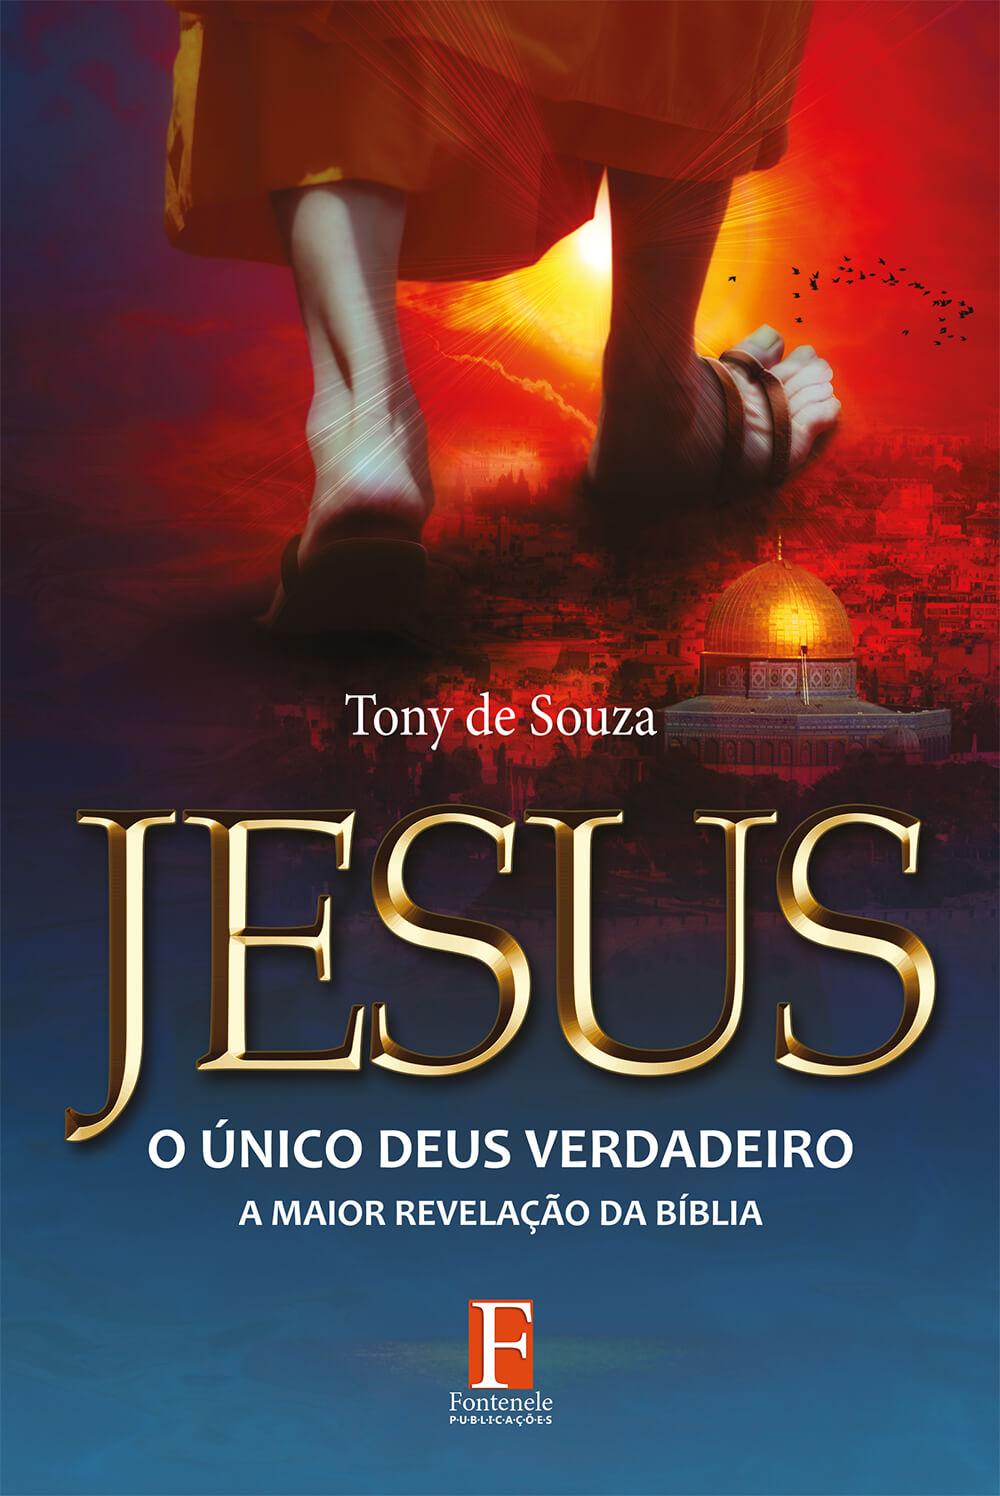 Fontenele Publicações / 11 95150-3481 / 11  95150-4383 Religiões - Jesus o Único Deus Verdadeiro – A Maior Revelação da Bíblia